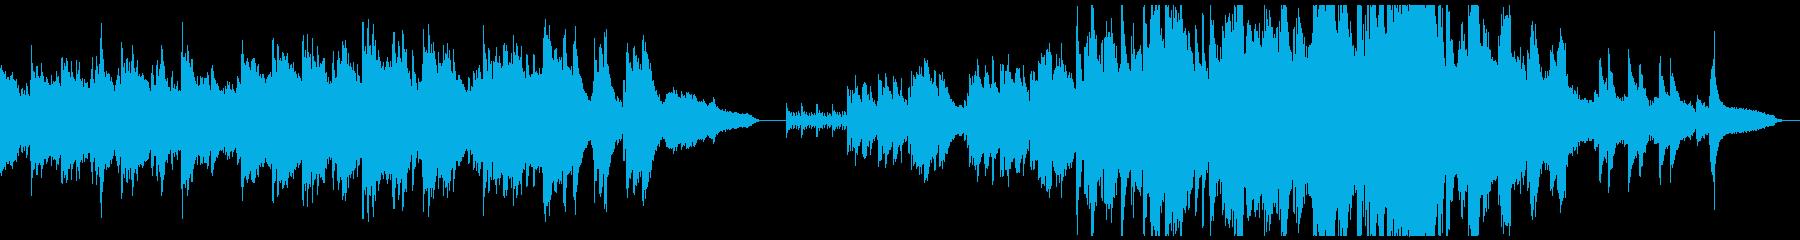 神秘的で、なにかの予兆を感じるピアノ曲の再生済みの波形